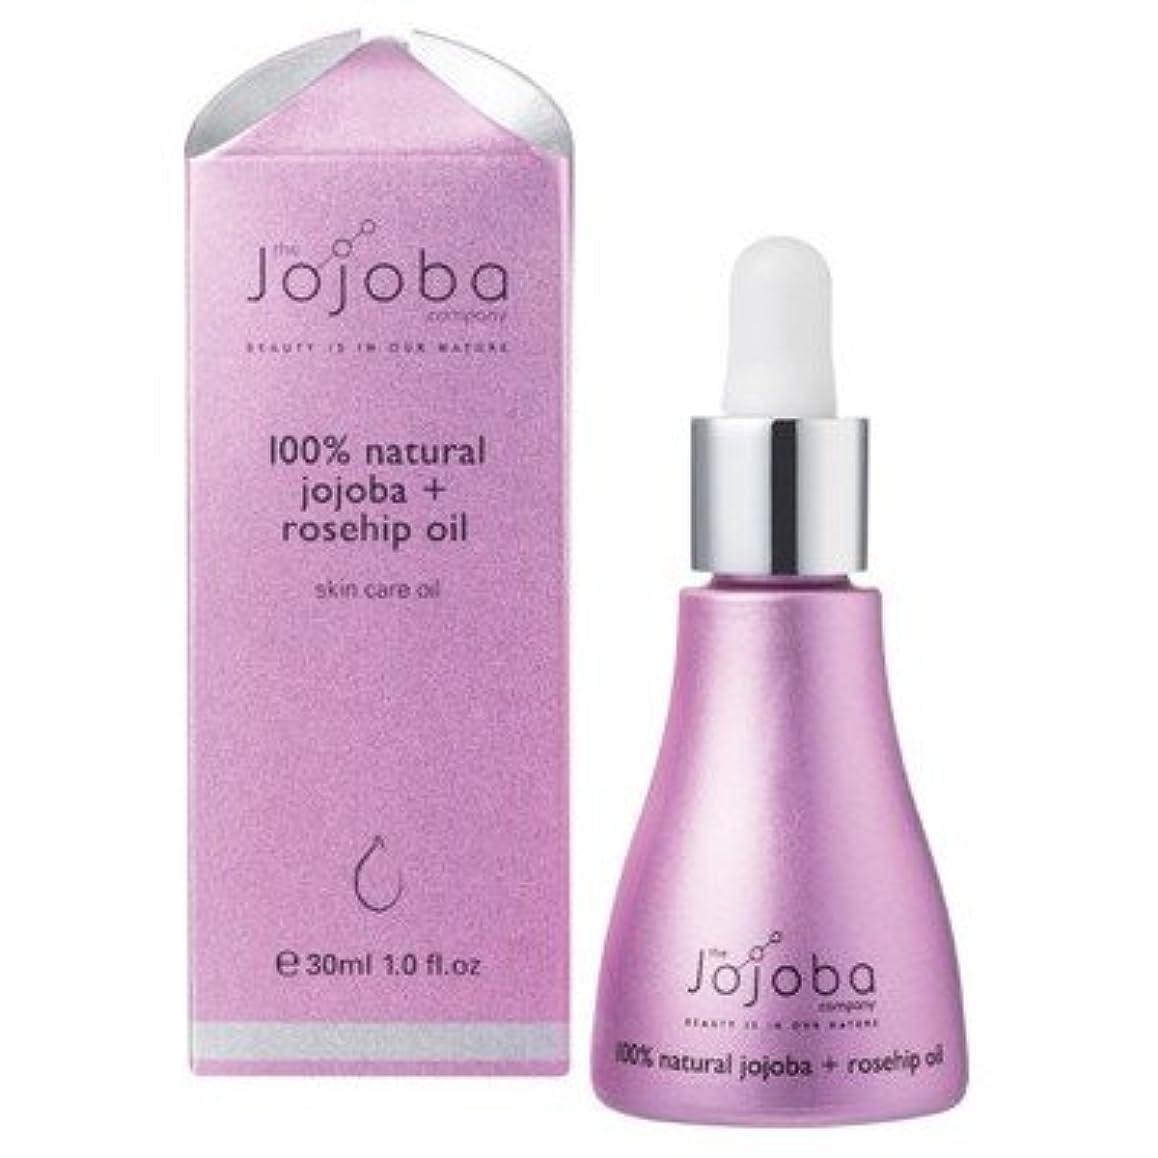 シエスタターミナルマウスthe Jojoba Company 100% Natural Australian Jojoba Oil + Rosehip Oil ホホバ&ローズヒップブレンドオイル 30ml [海外直送品]